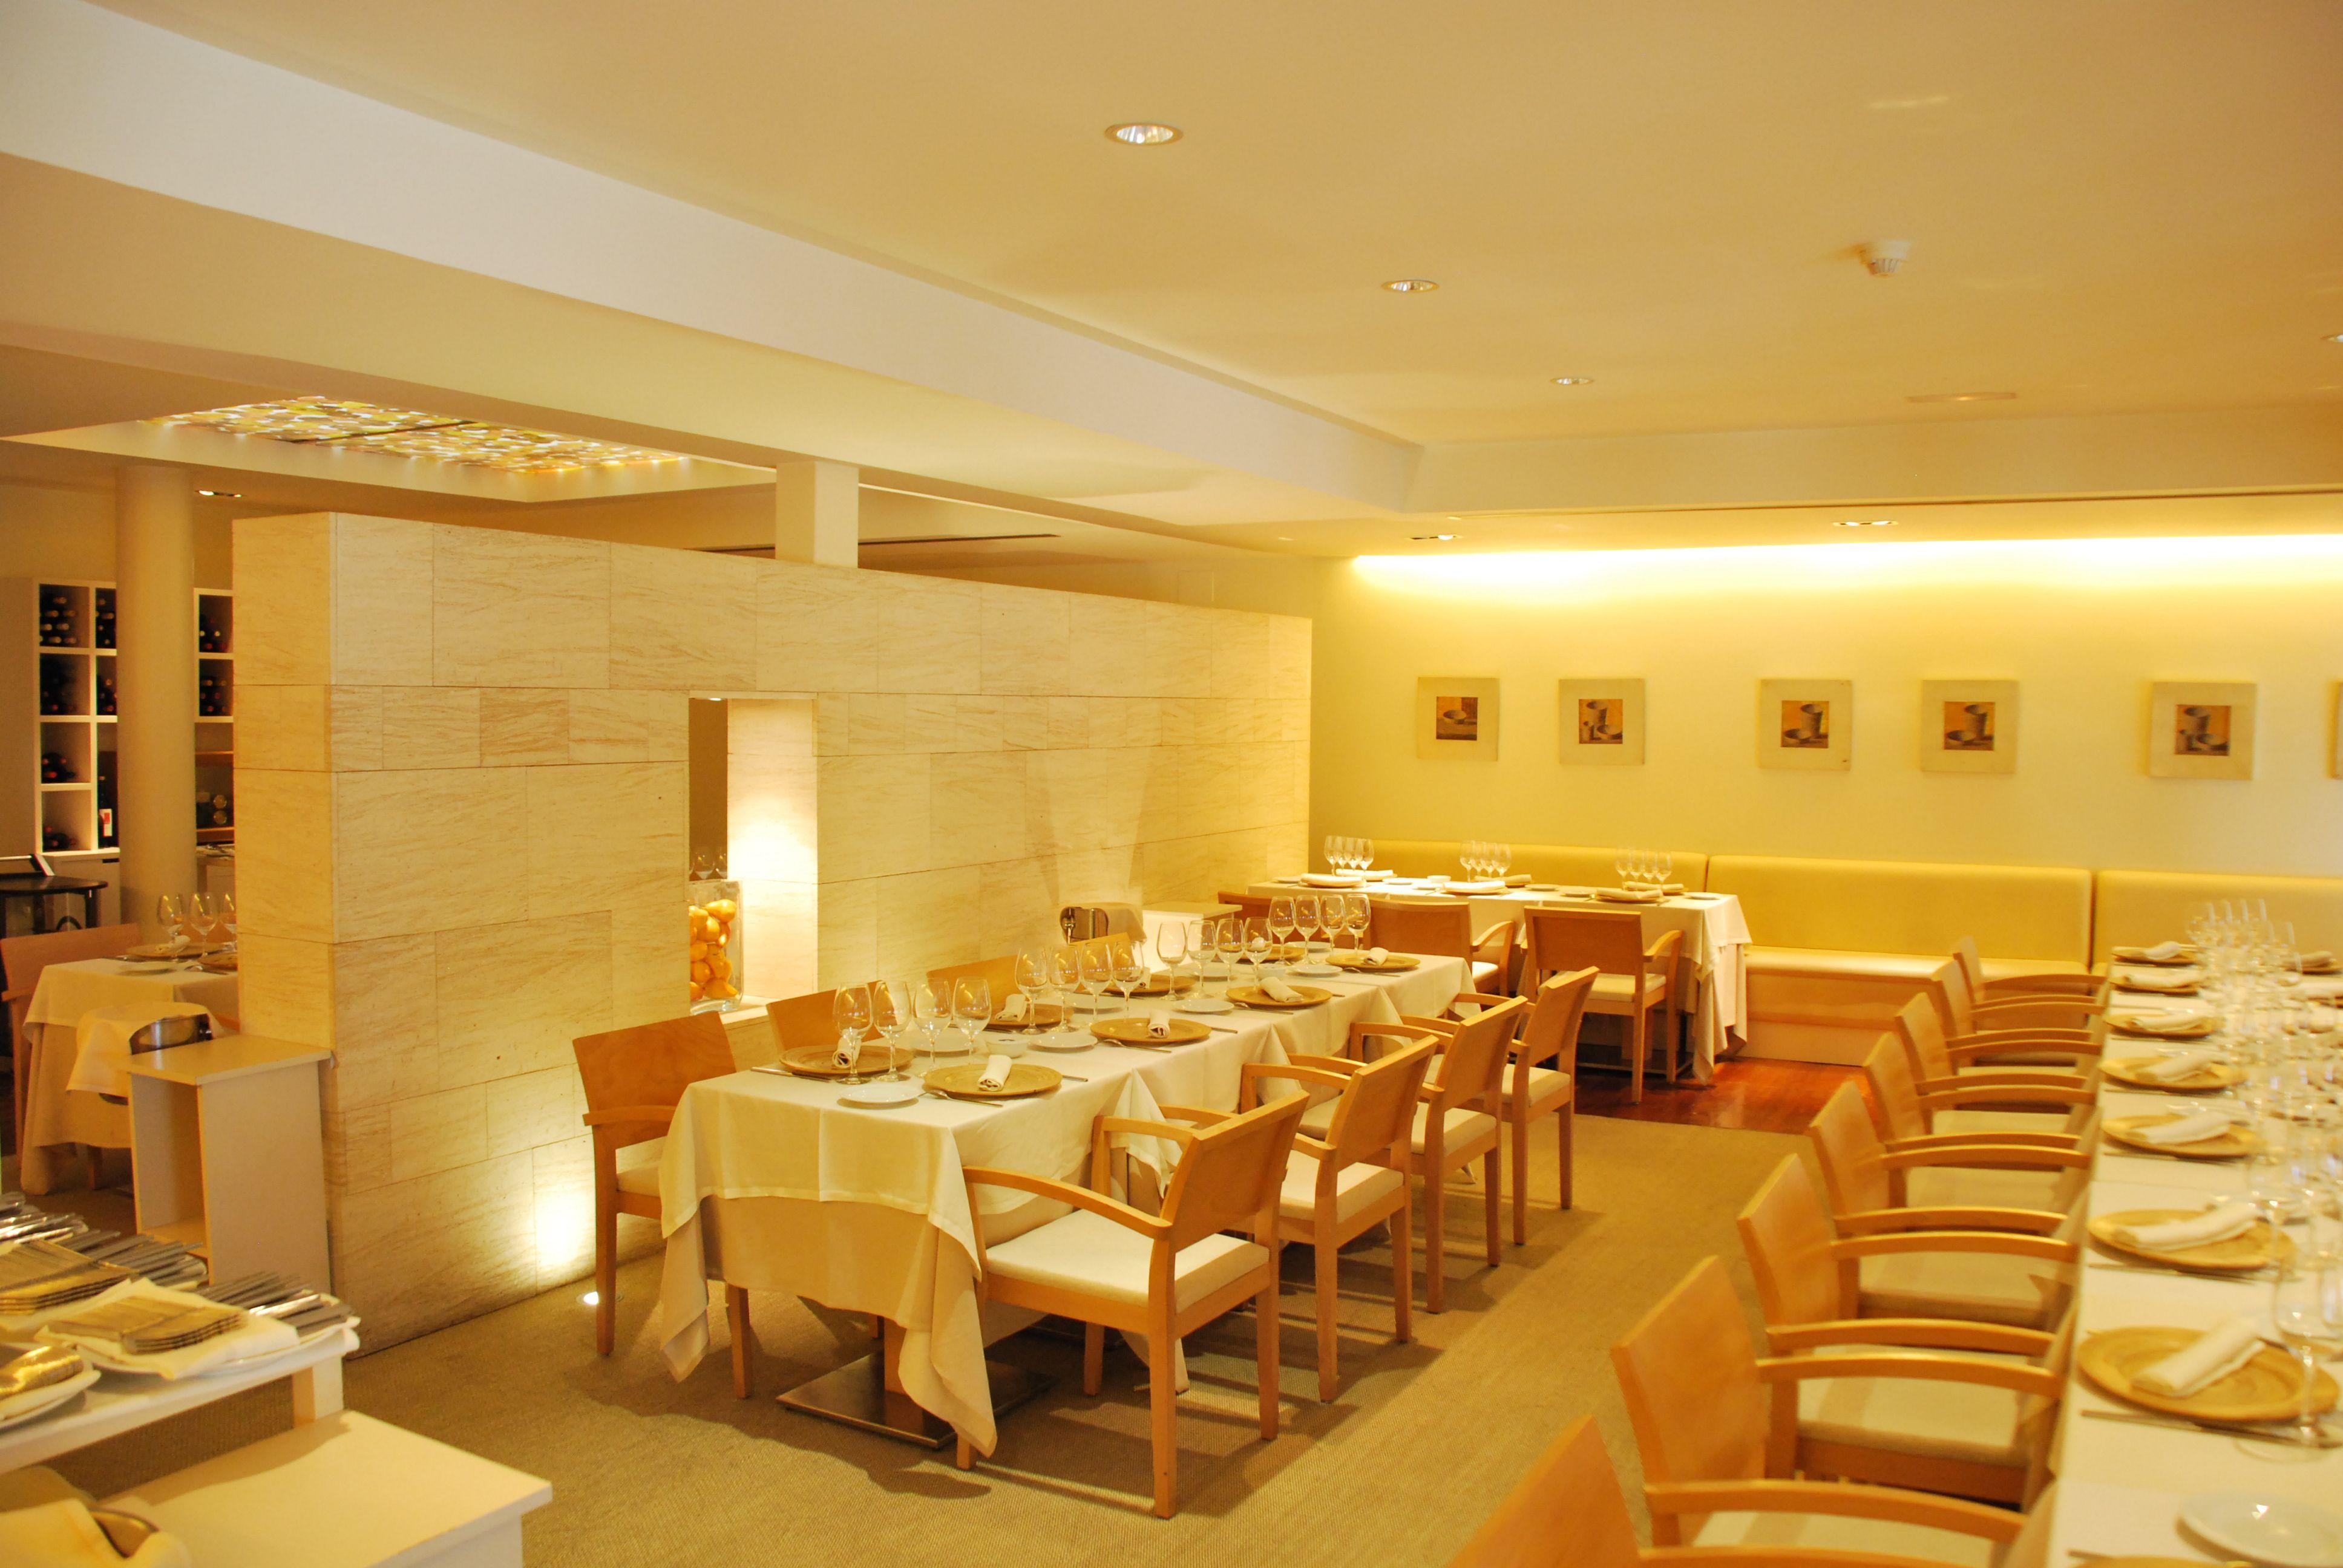 Foto 8 de Restaurante en  | Barbacana